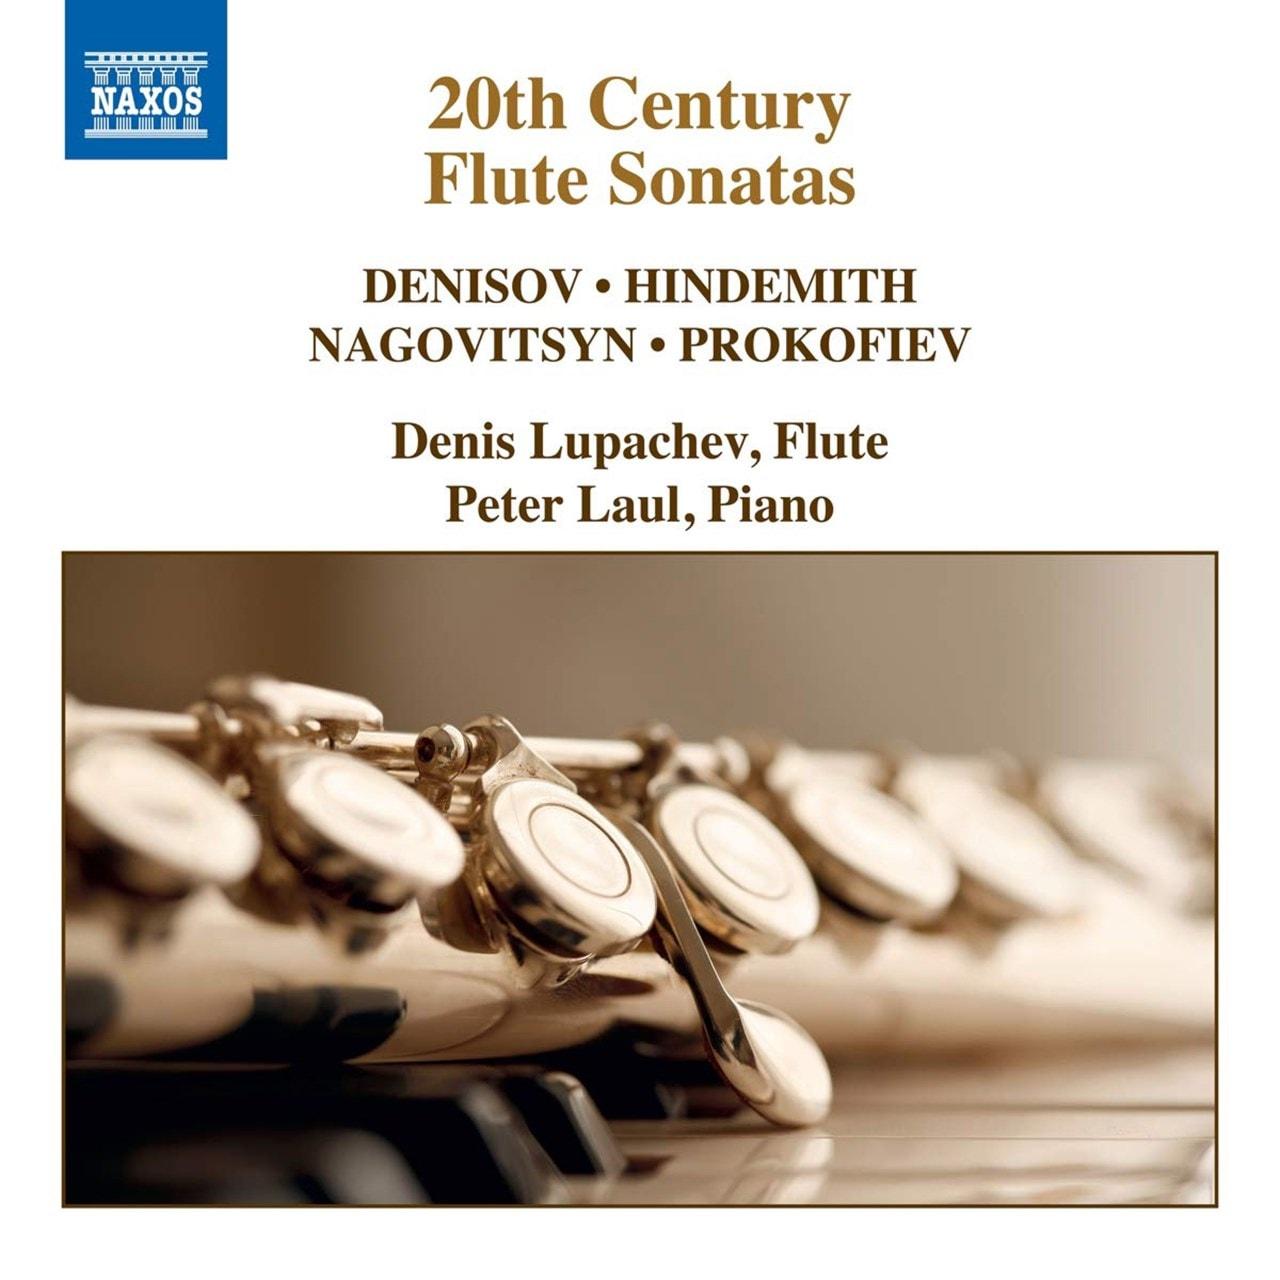 20th Century Flute Sonatas - 1